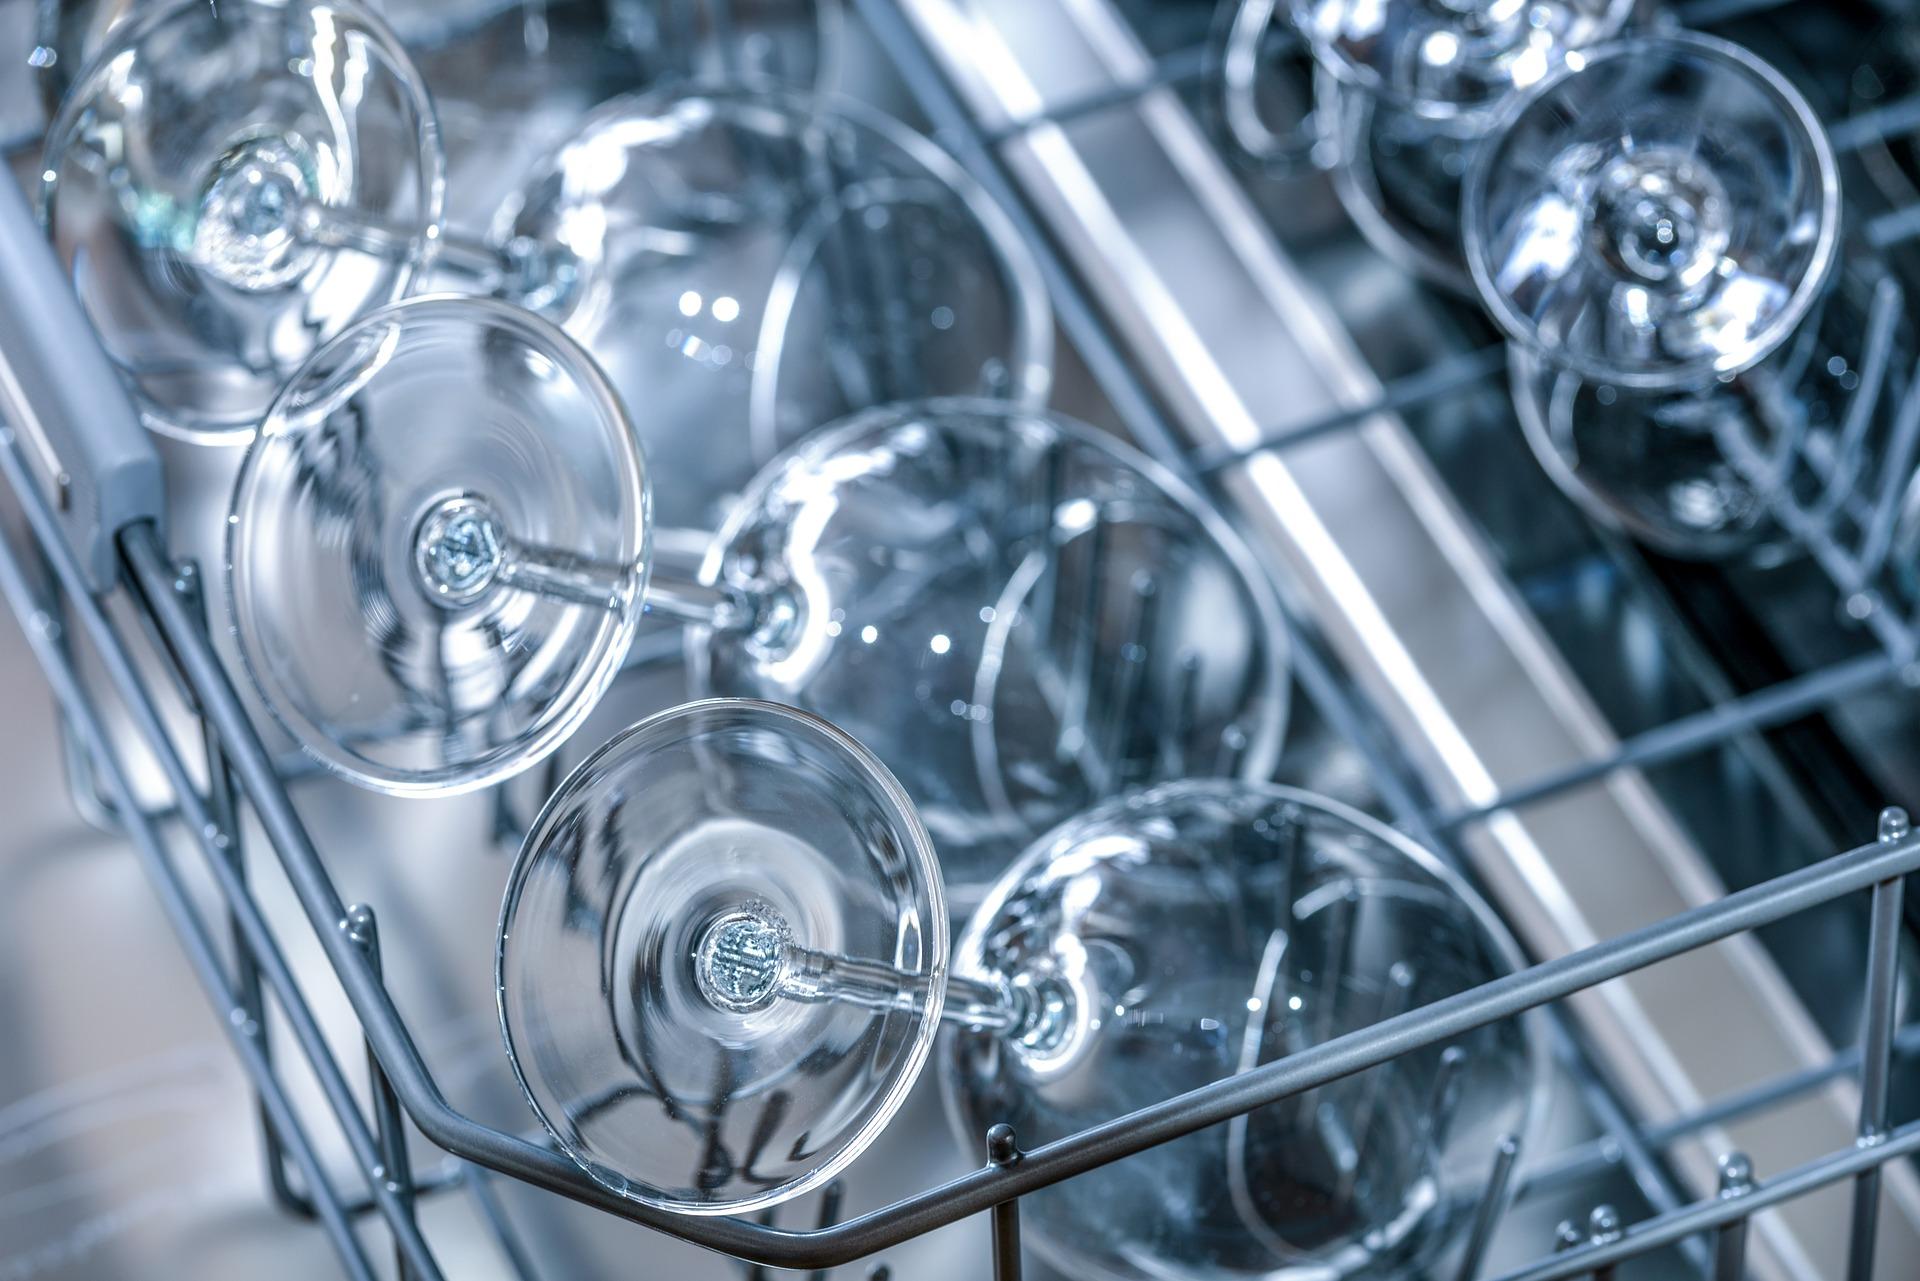 Nettoyer Lave Vaisselle Vinaigre comment nettoyer un lave vaisselle avec du vinaigre blanc ?